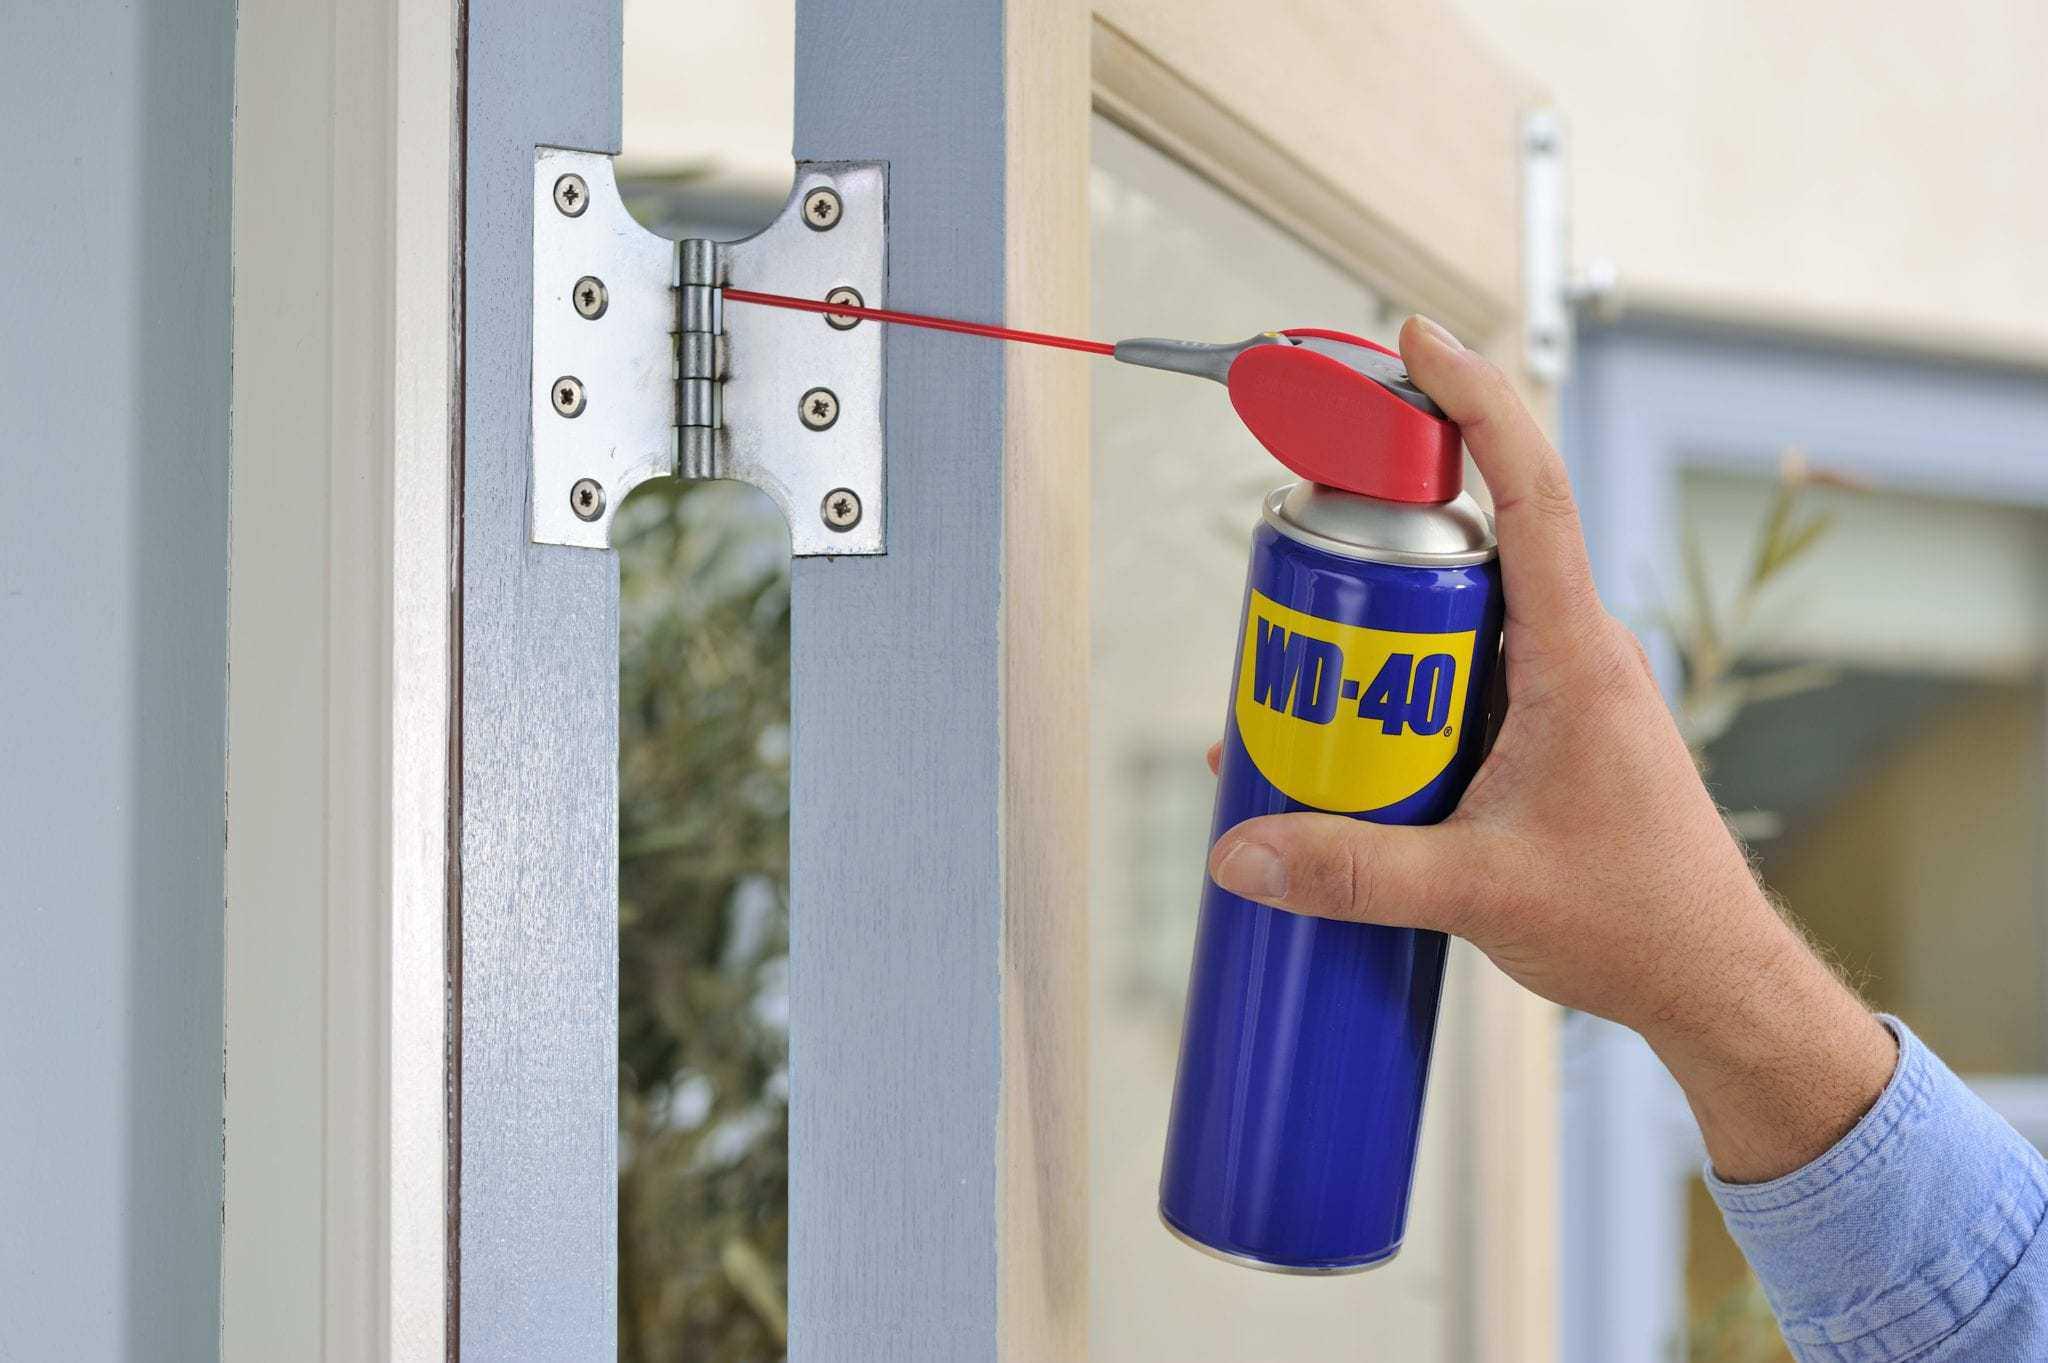 arreglar ventana arreglar persiana cambiar bombín cerradura